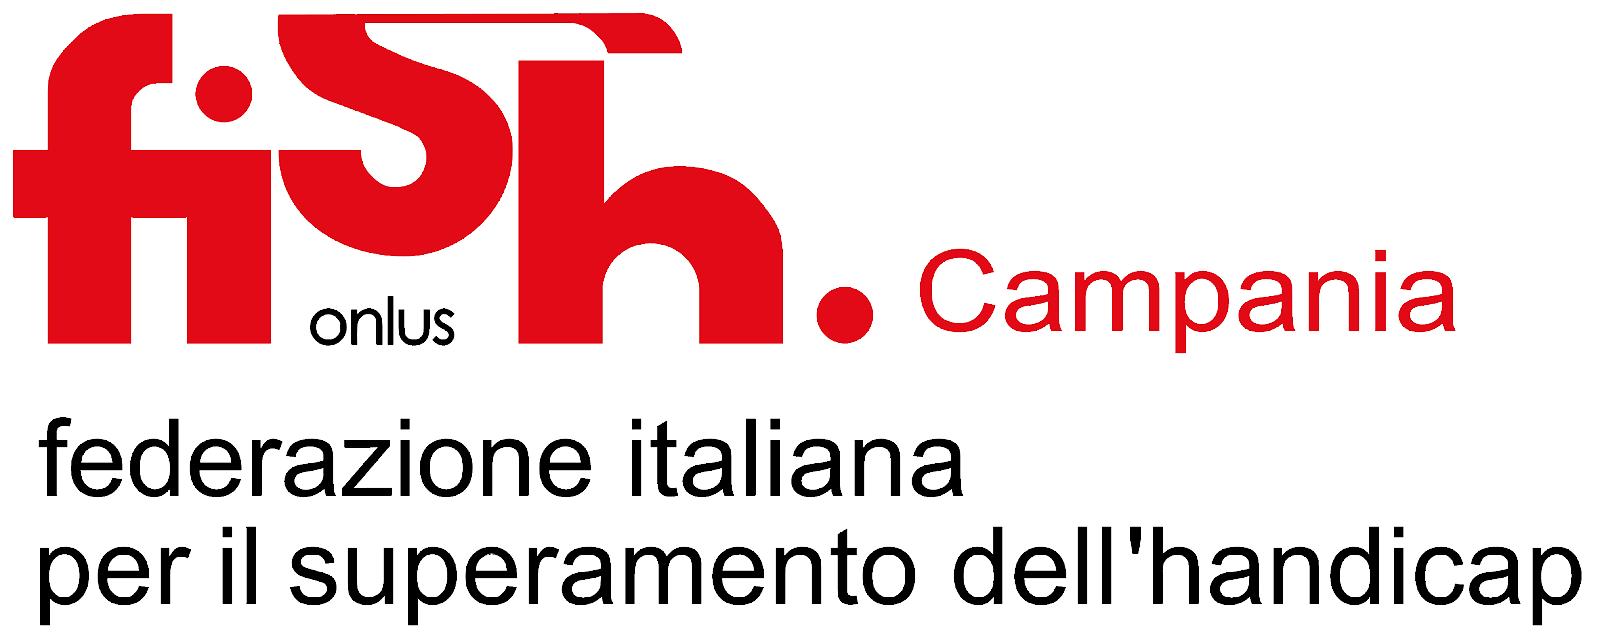 FISH Onlus - Federazione Italiana per il Superamento dell'Handicap